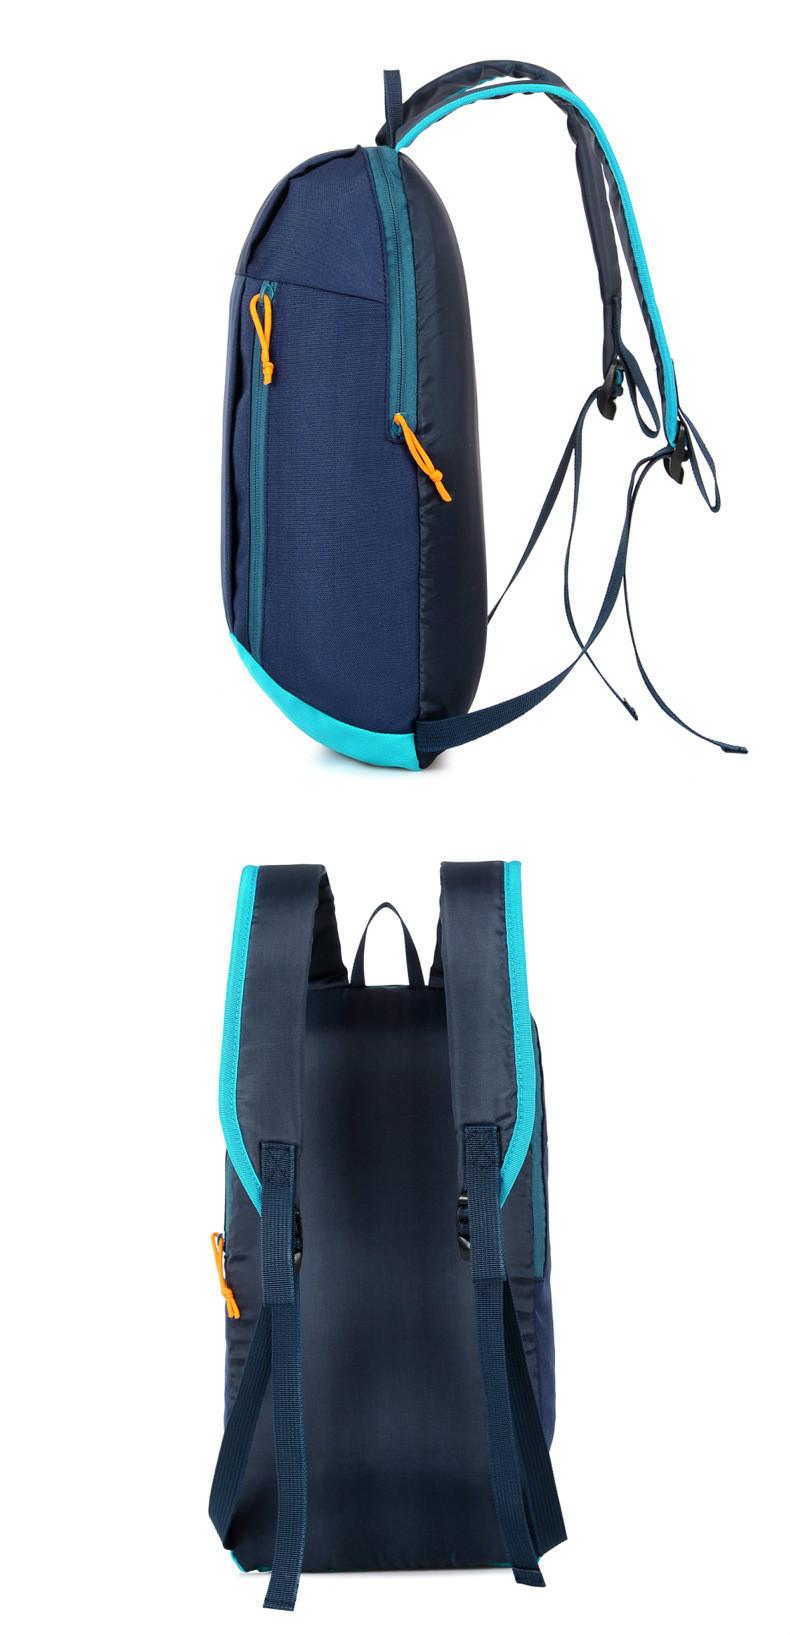 Waterproof S ports Backpack Out Door Luggage Shoulder Women Men School Bags Bagpack Mini Small Teenage Travel Rucksack 11